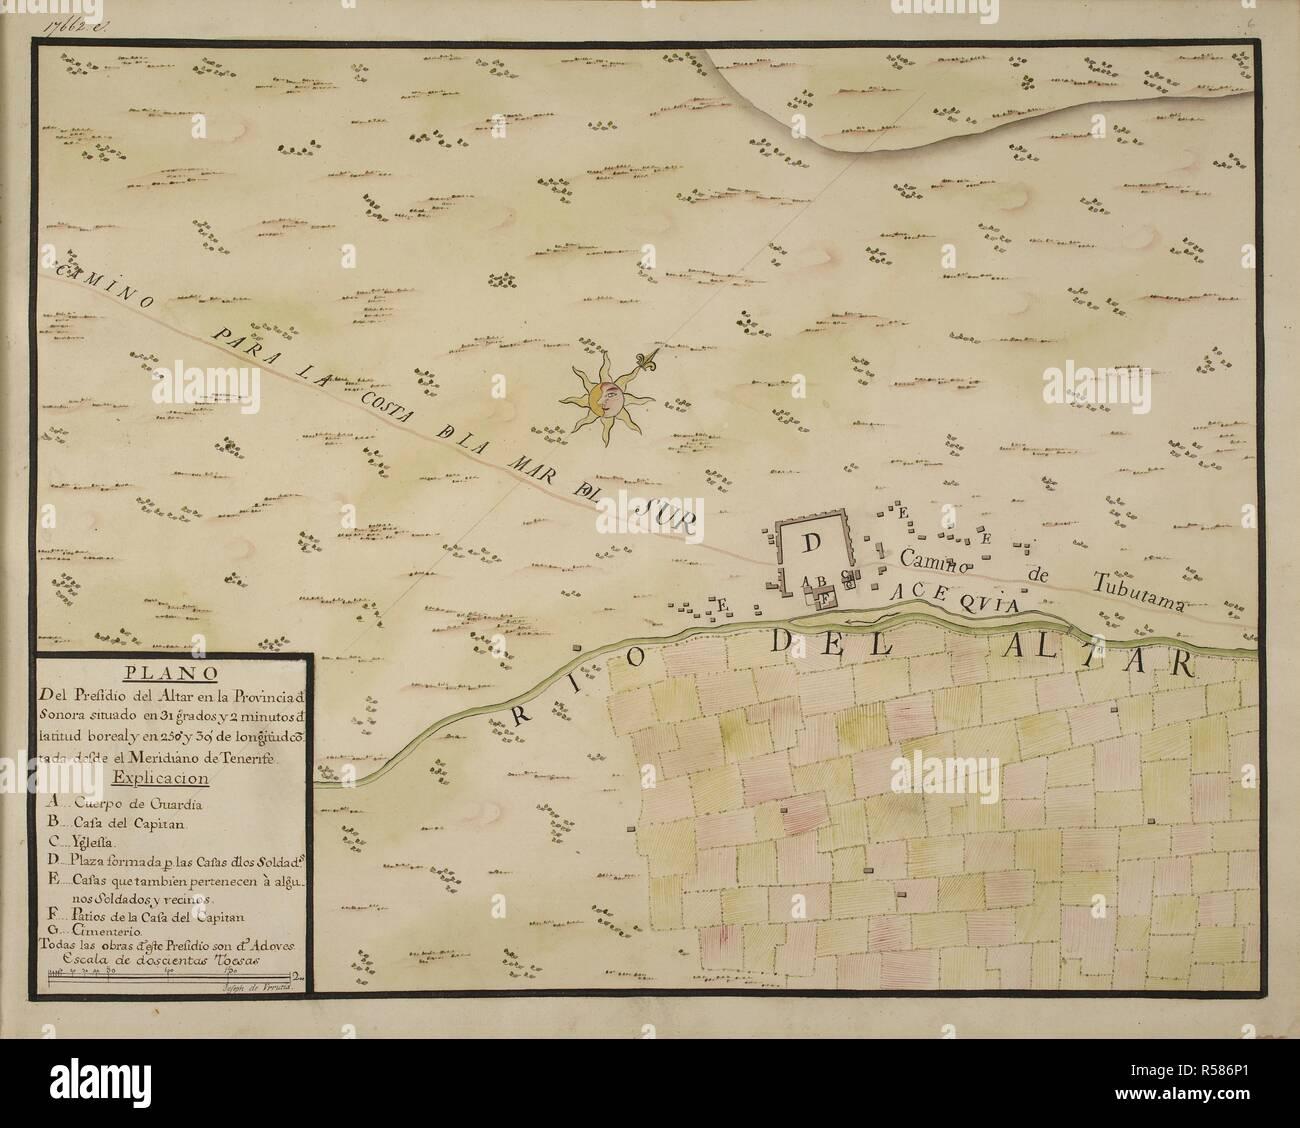 Altar Sonora Mexico Map.Plano Del Presidio Del Altar En La Provincia De Sonora Situado En 31